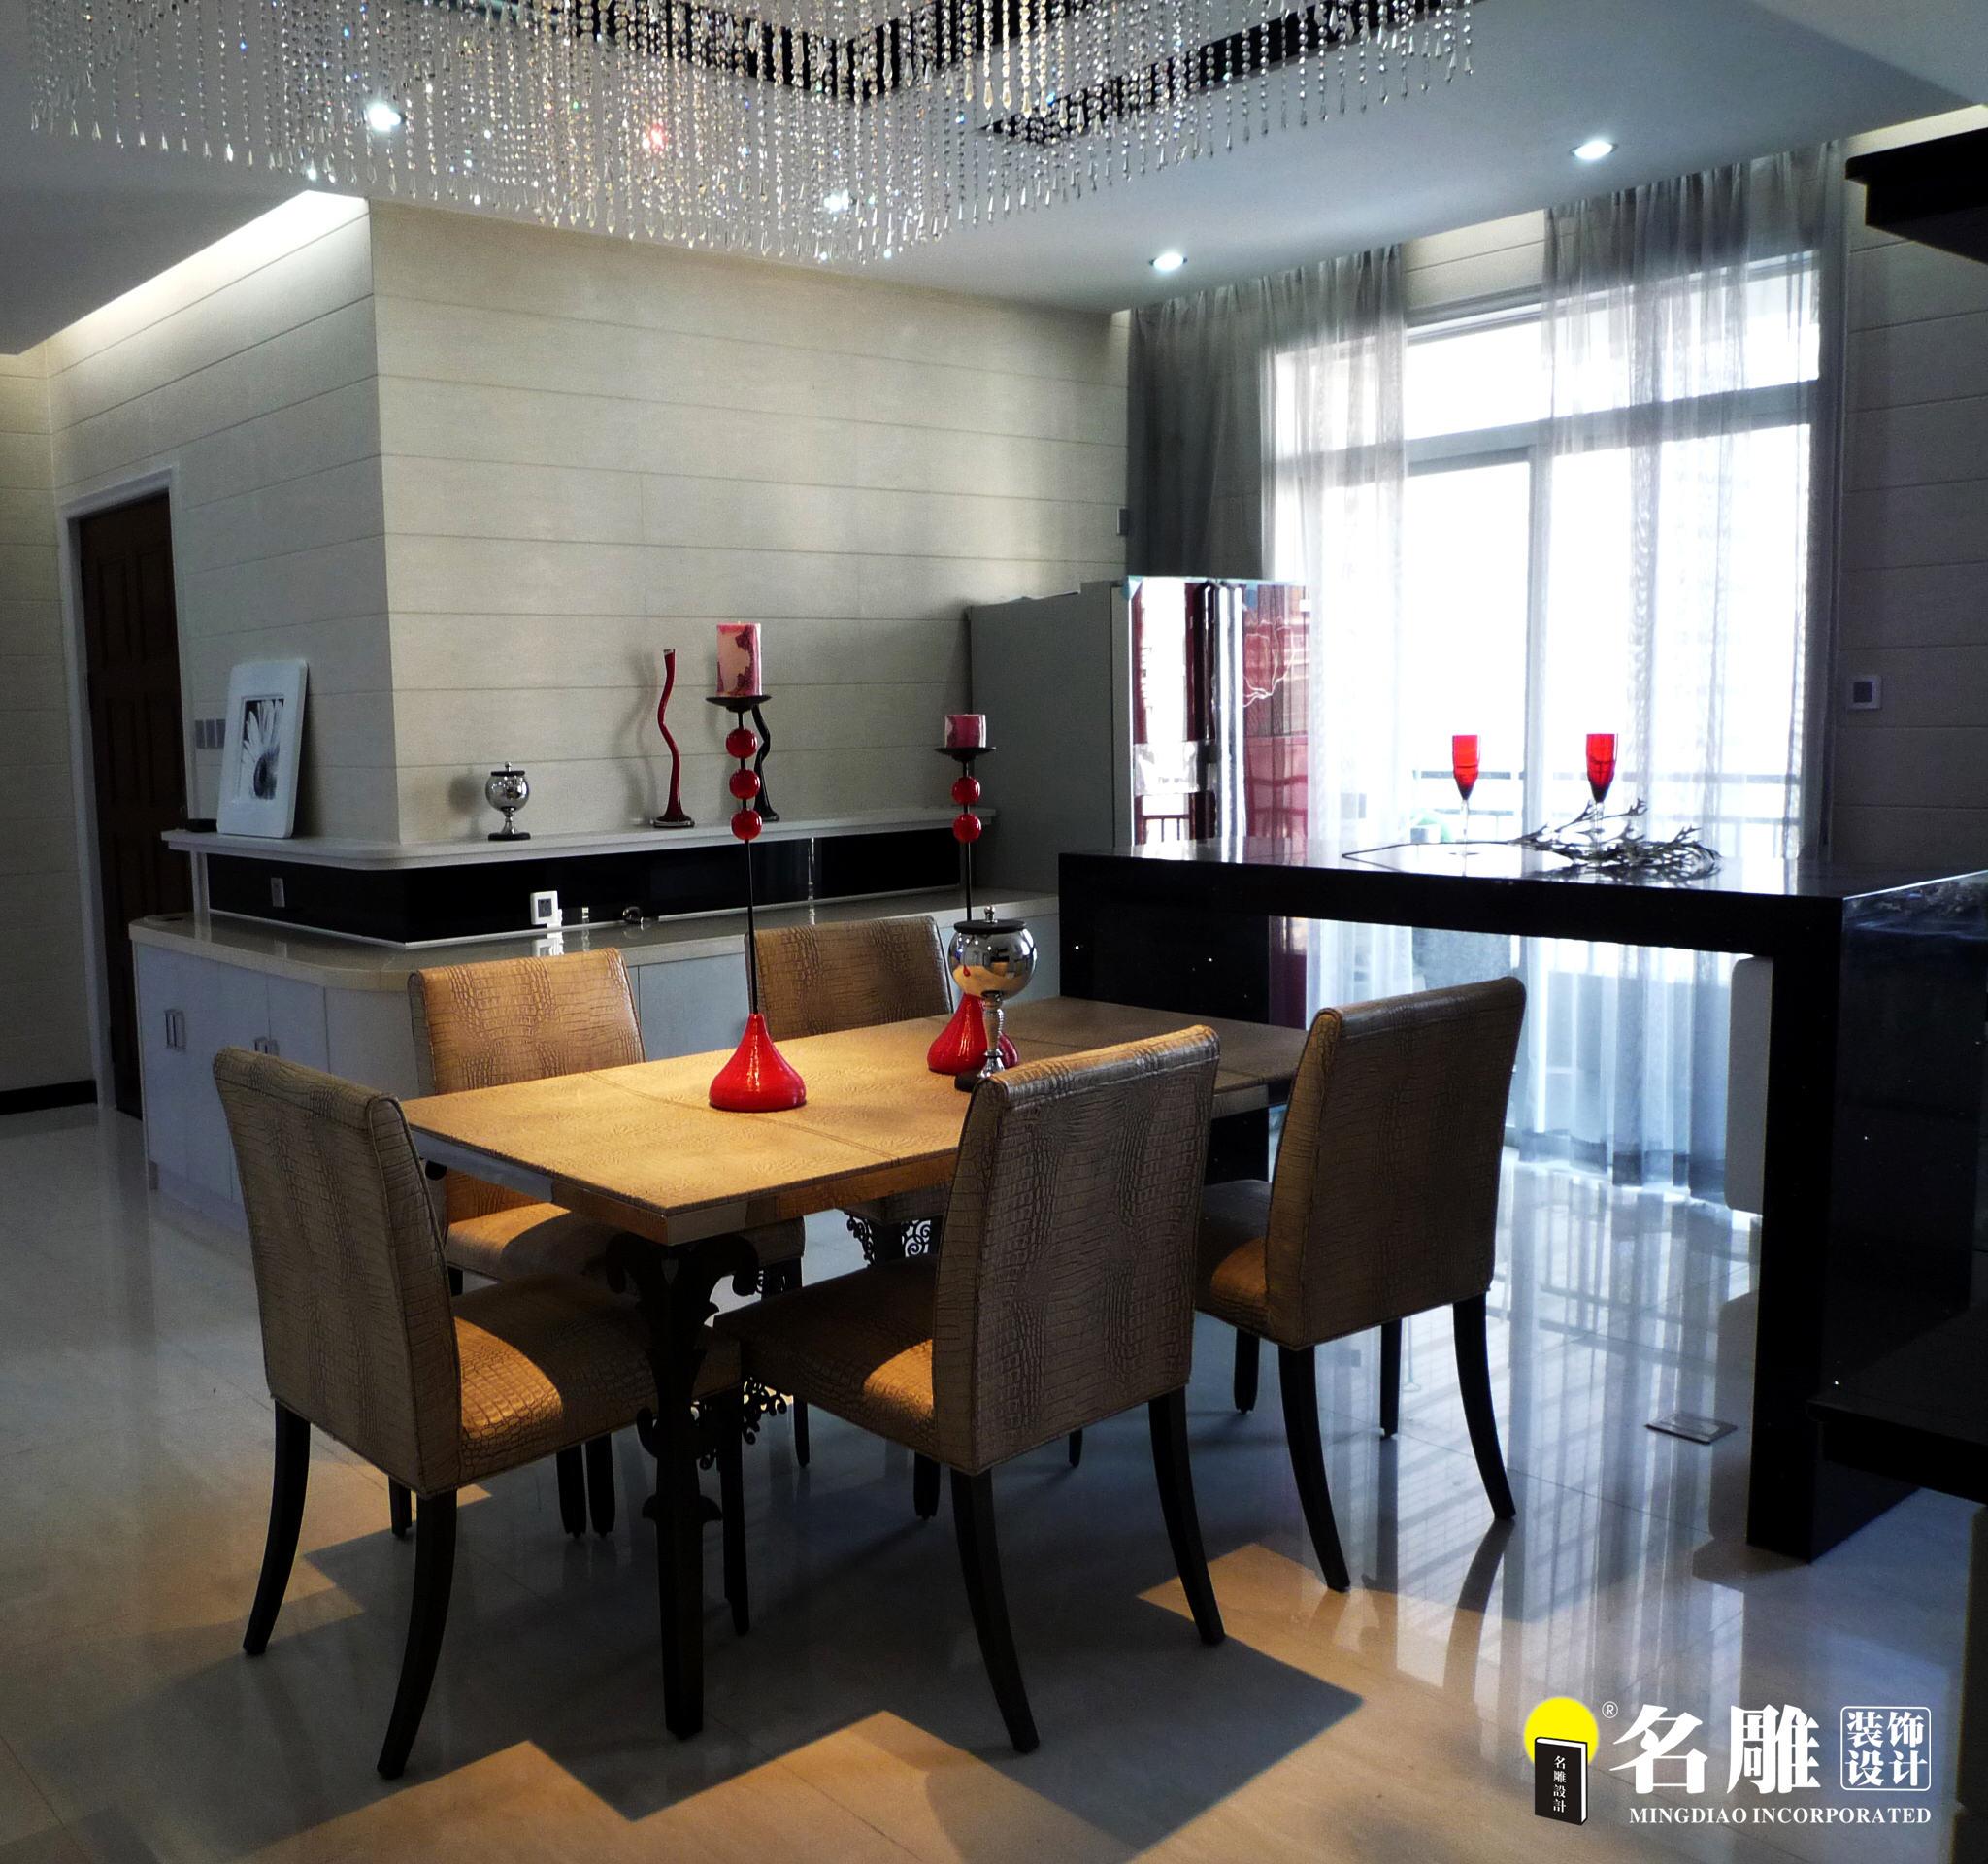 现代 三居 白领 四口之家 时尚个性 名雕装饰 餐厅 餐厅图片来自名雕装饰设计在枫丹白露现代时尚三居室装修设计的分享